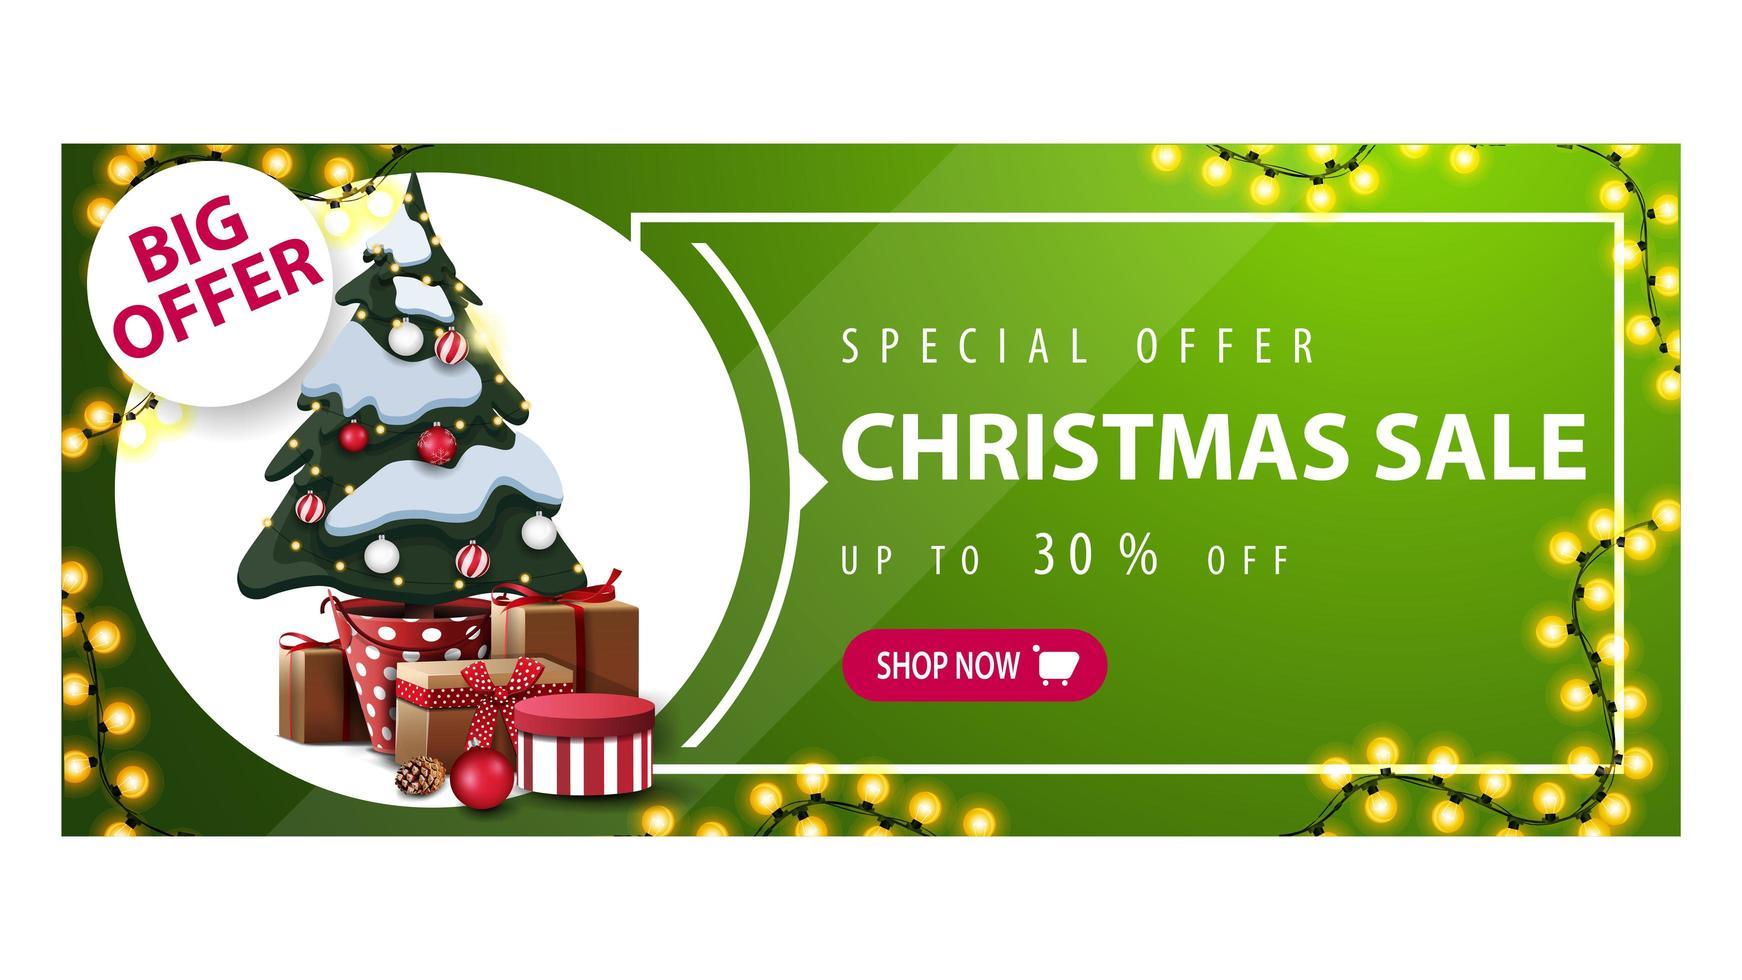 Rabatt-Banner mit Girlande, Knopf und Weihnachtsbaum vektor